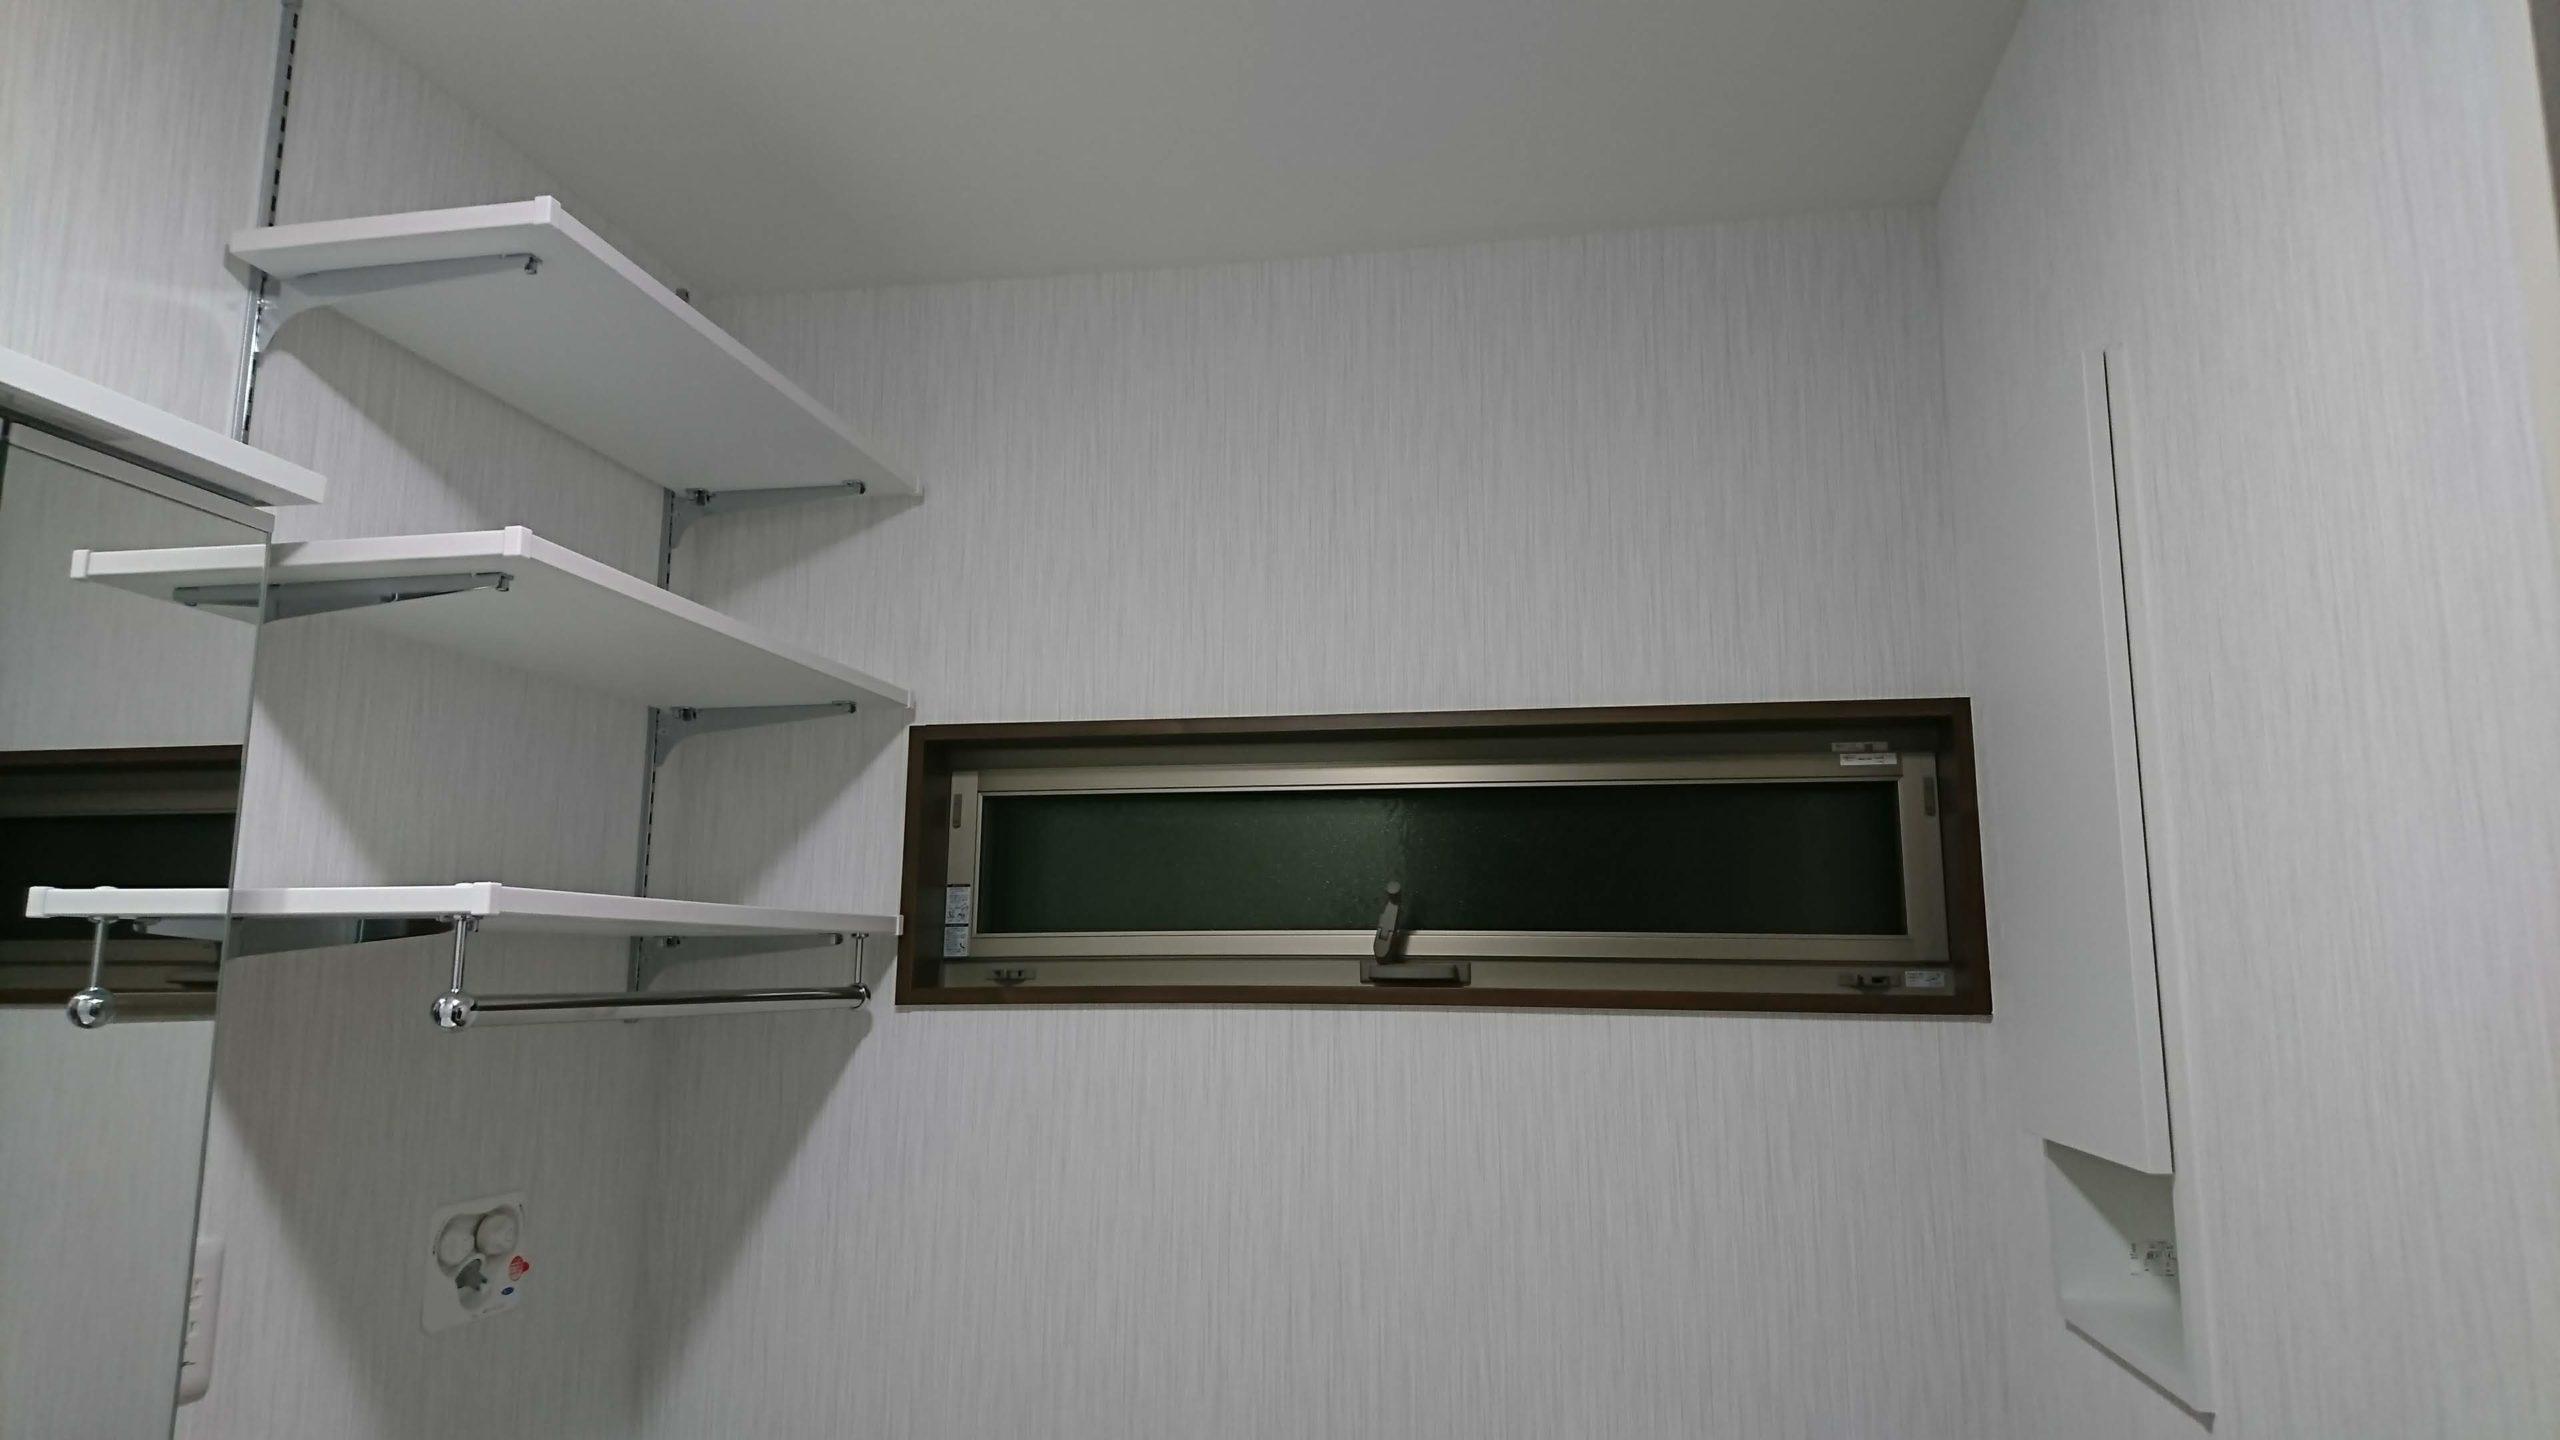 洗面所の可動棚が可動しなかった